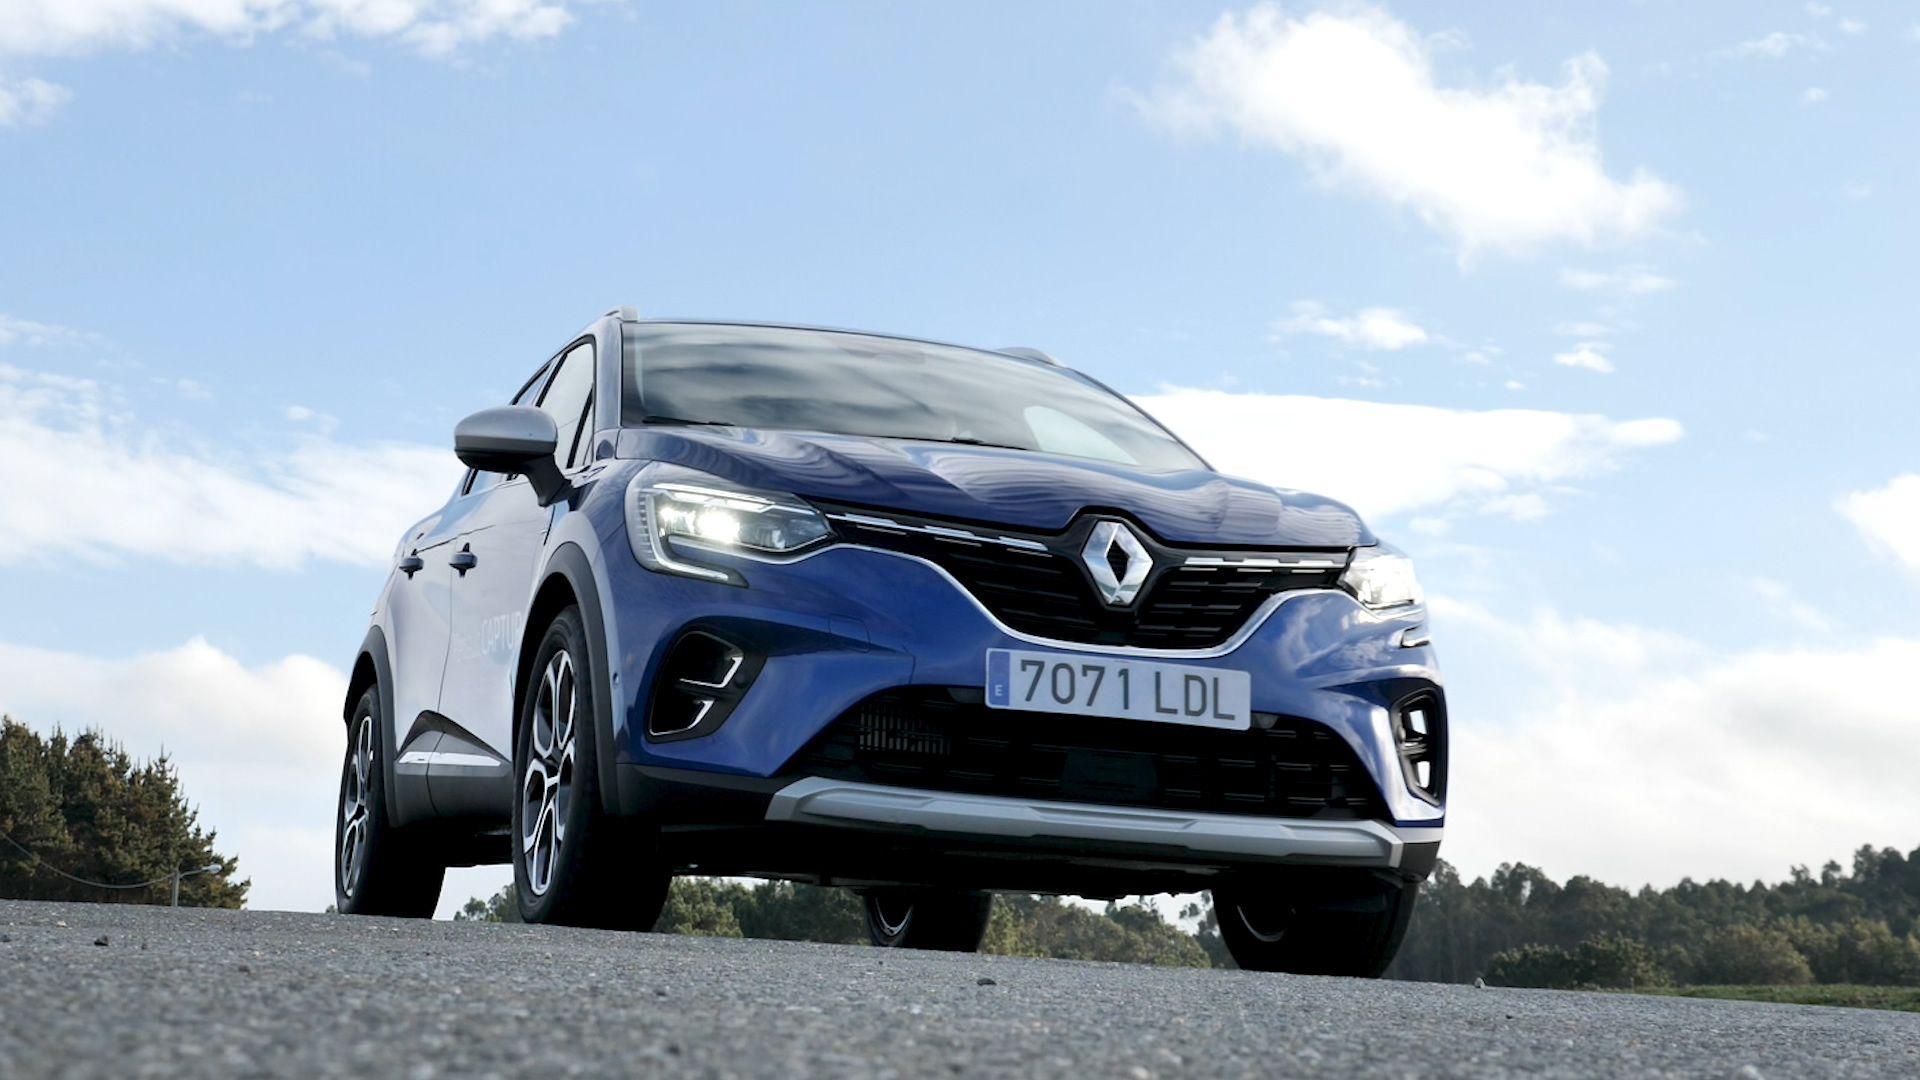 Prueba del nuevo Renault Captur:más espacio y un interior actualizado.Actividad en el IES Xelmírez I (Santiago) para formar a estudiantes en la mediación de conflictos